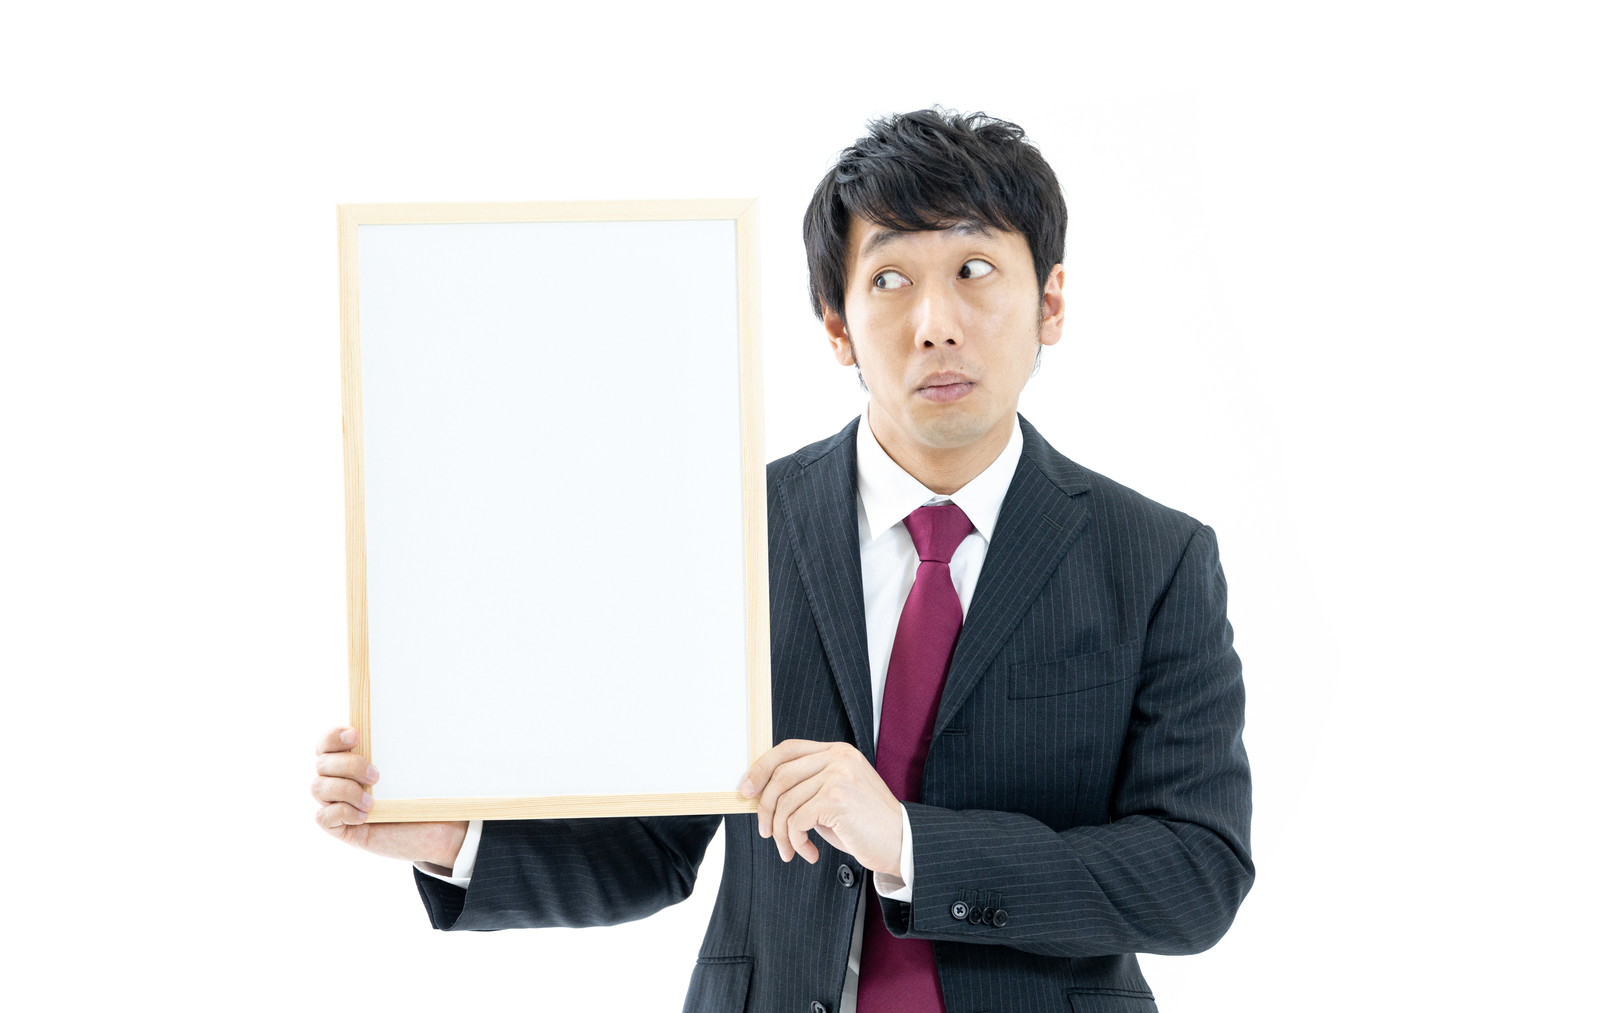 「クイズの答えが気になる司会者」の写真[モデル:大川竜弥]